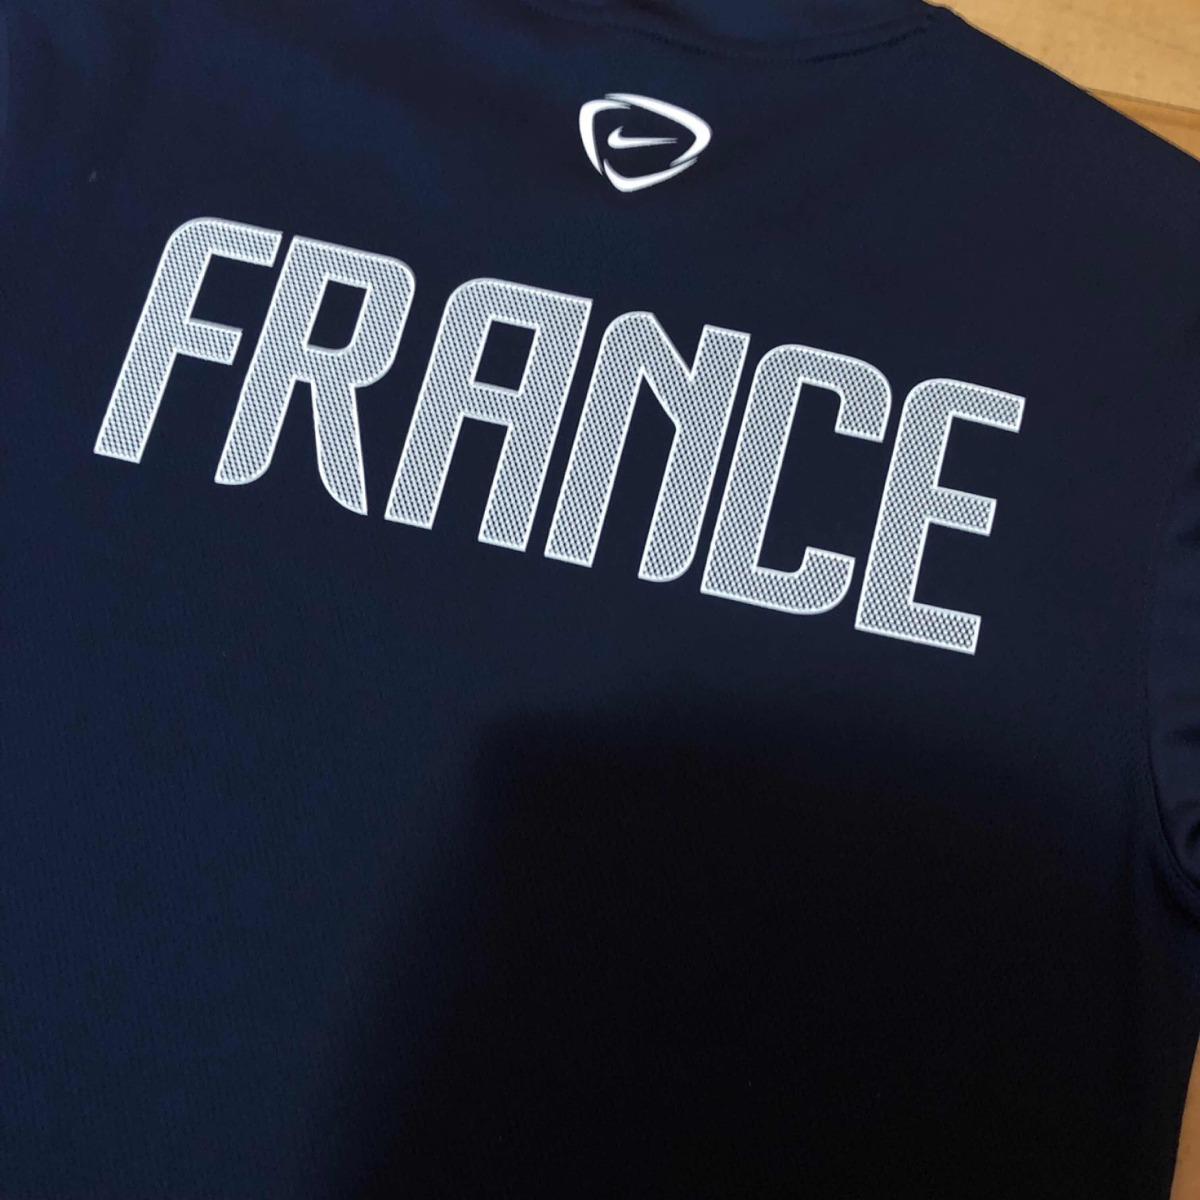 85e895ad75 camisa seleção frança 2010 treino p original nike. Carregando zoom.